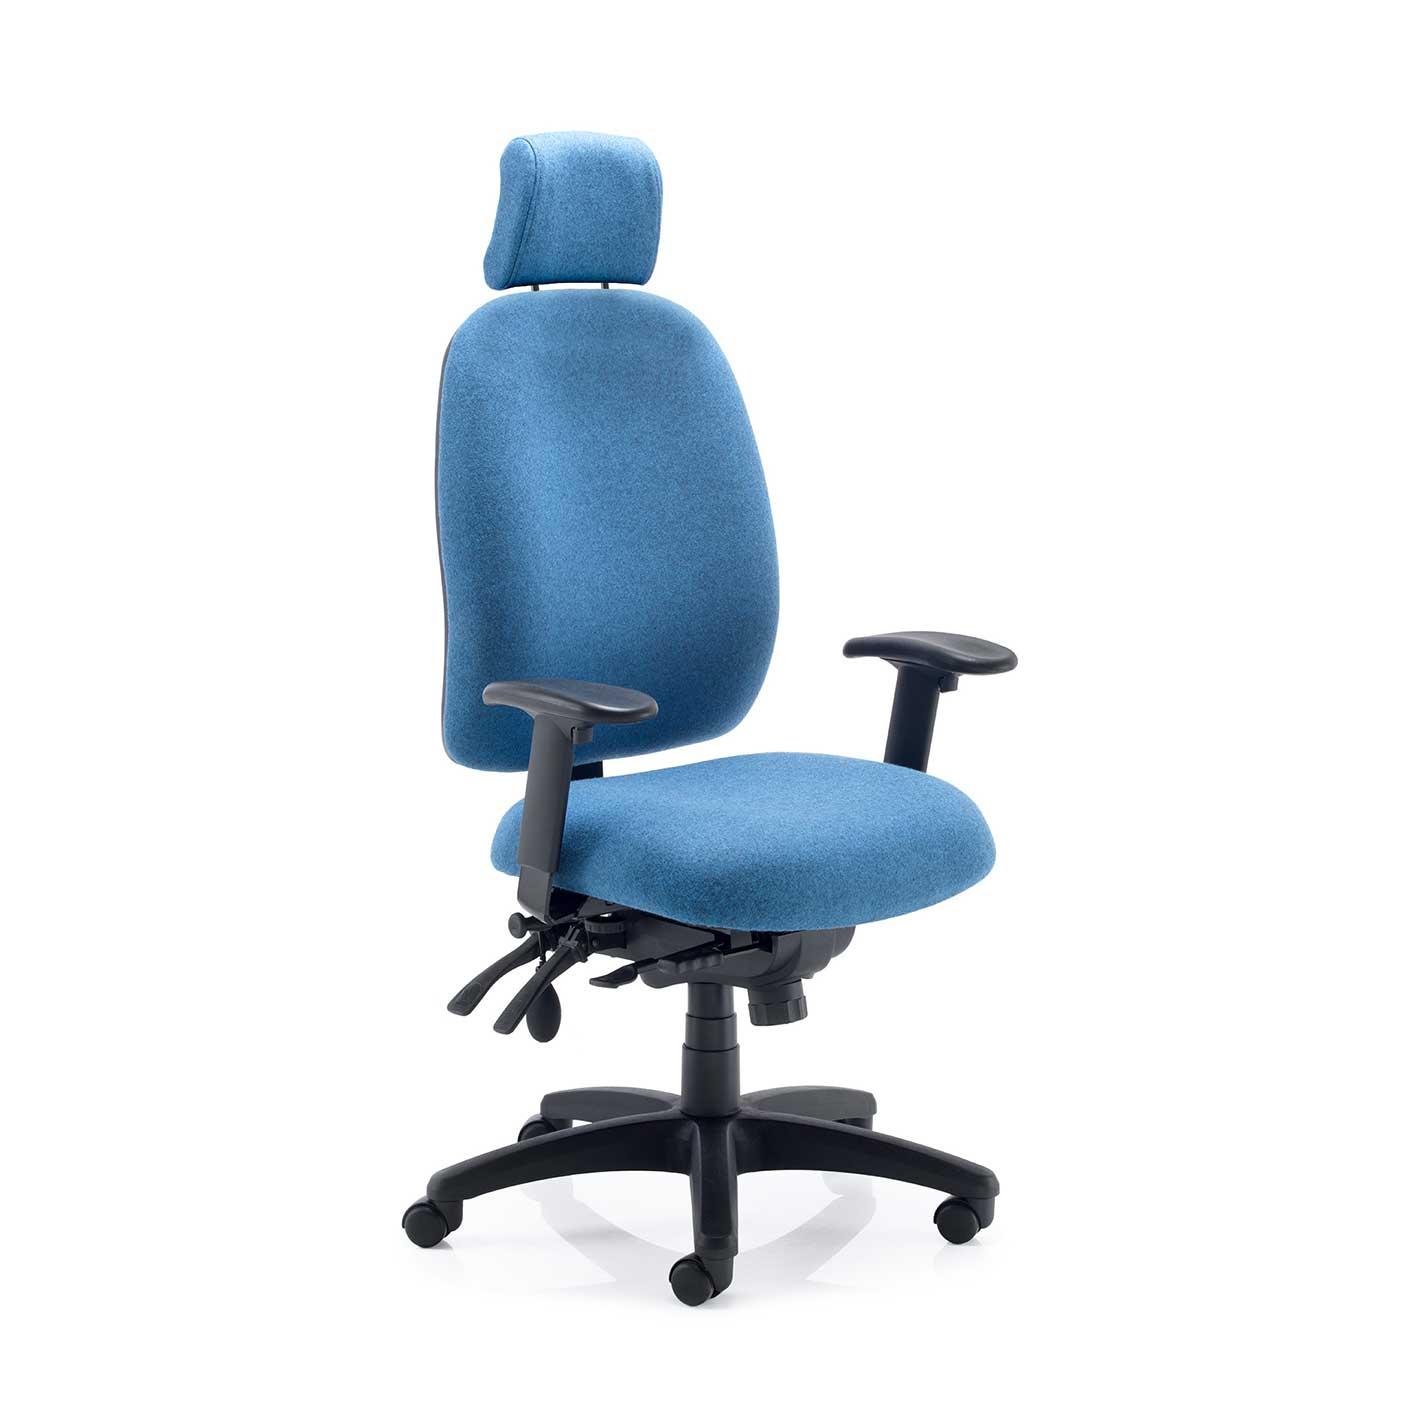 Stellar posture ergonomic chair with headrest in blue